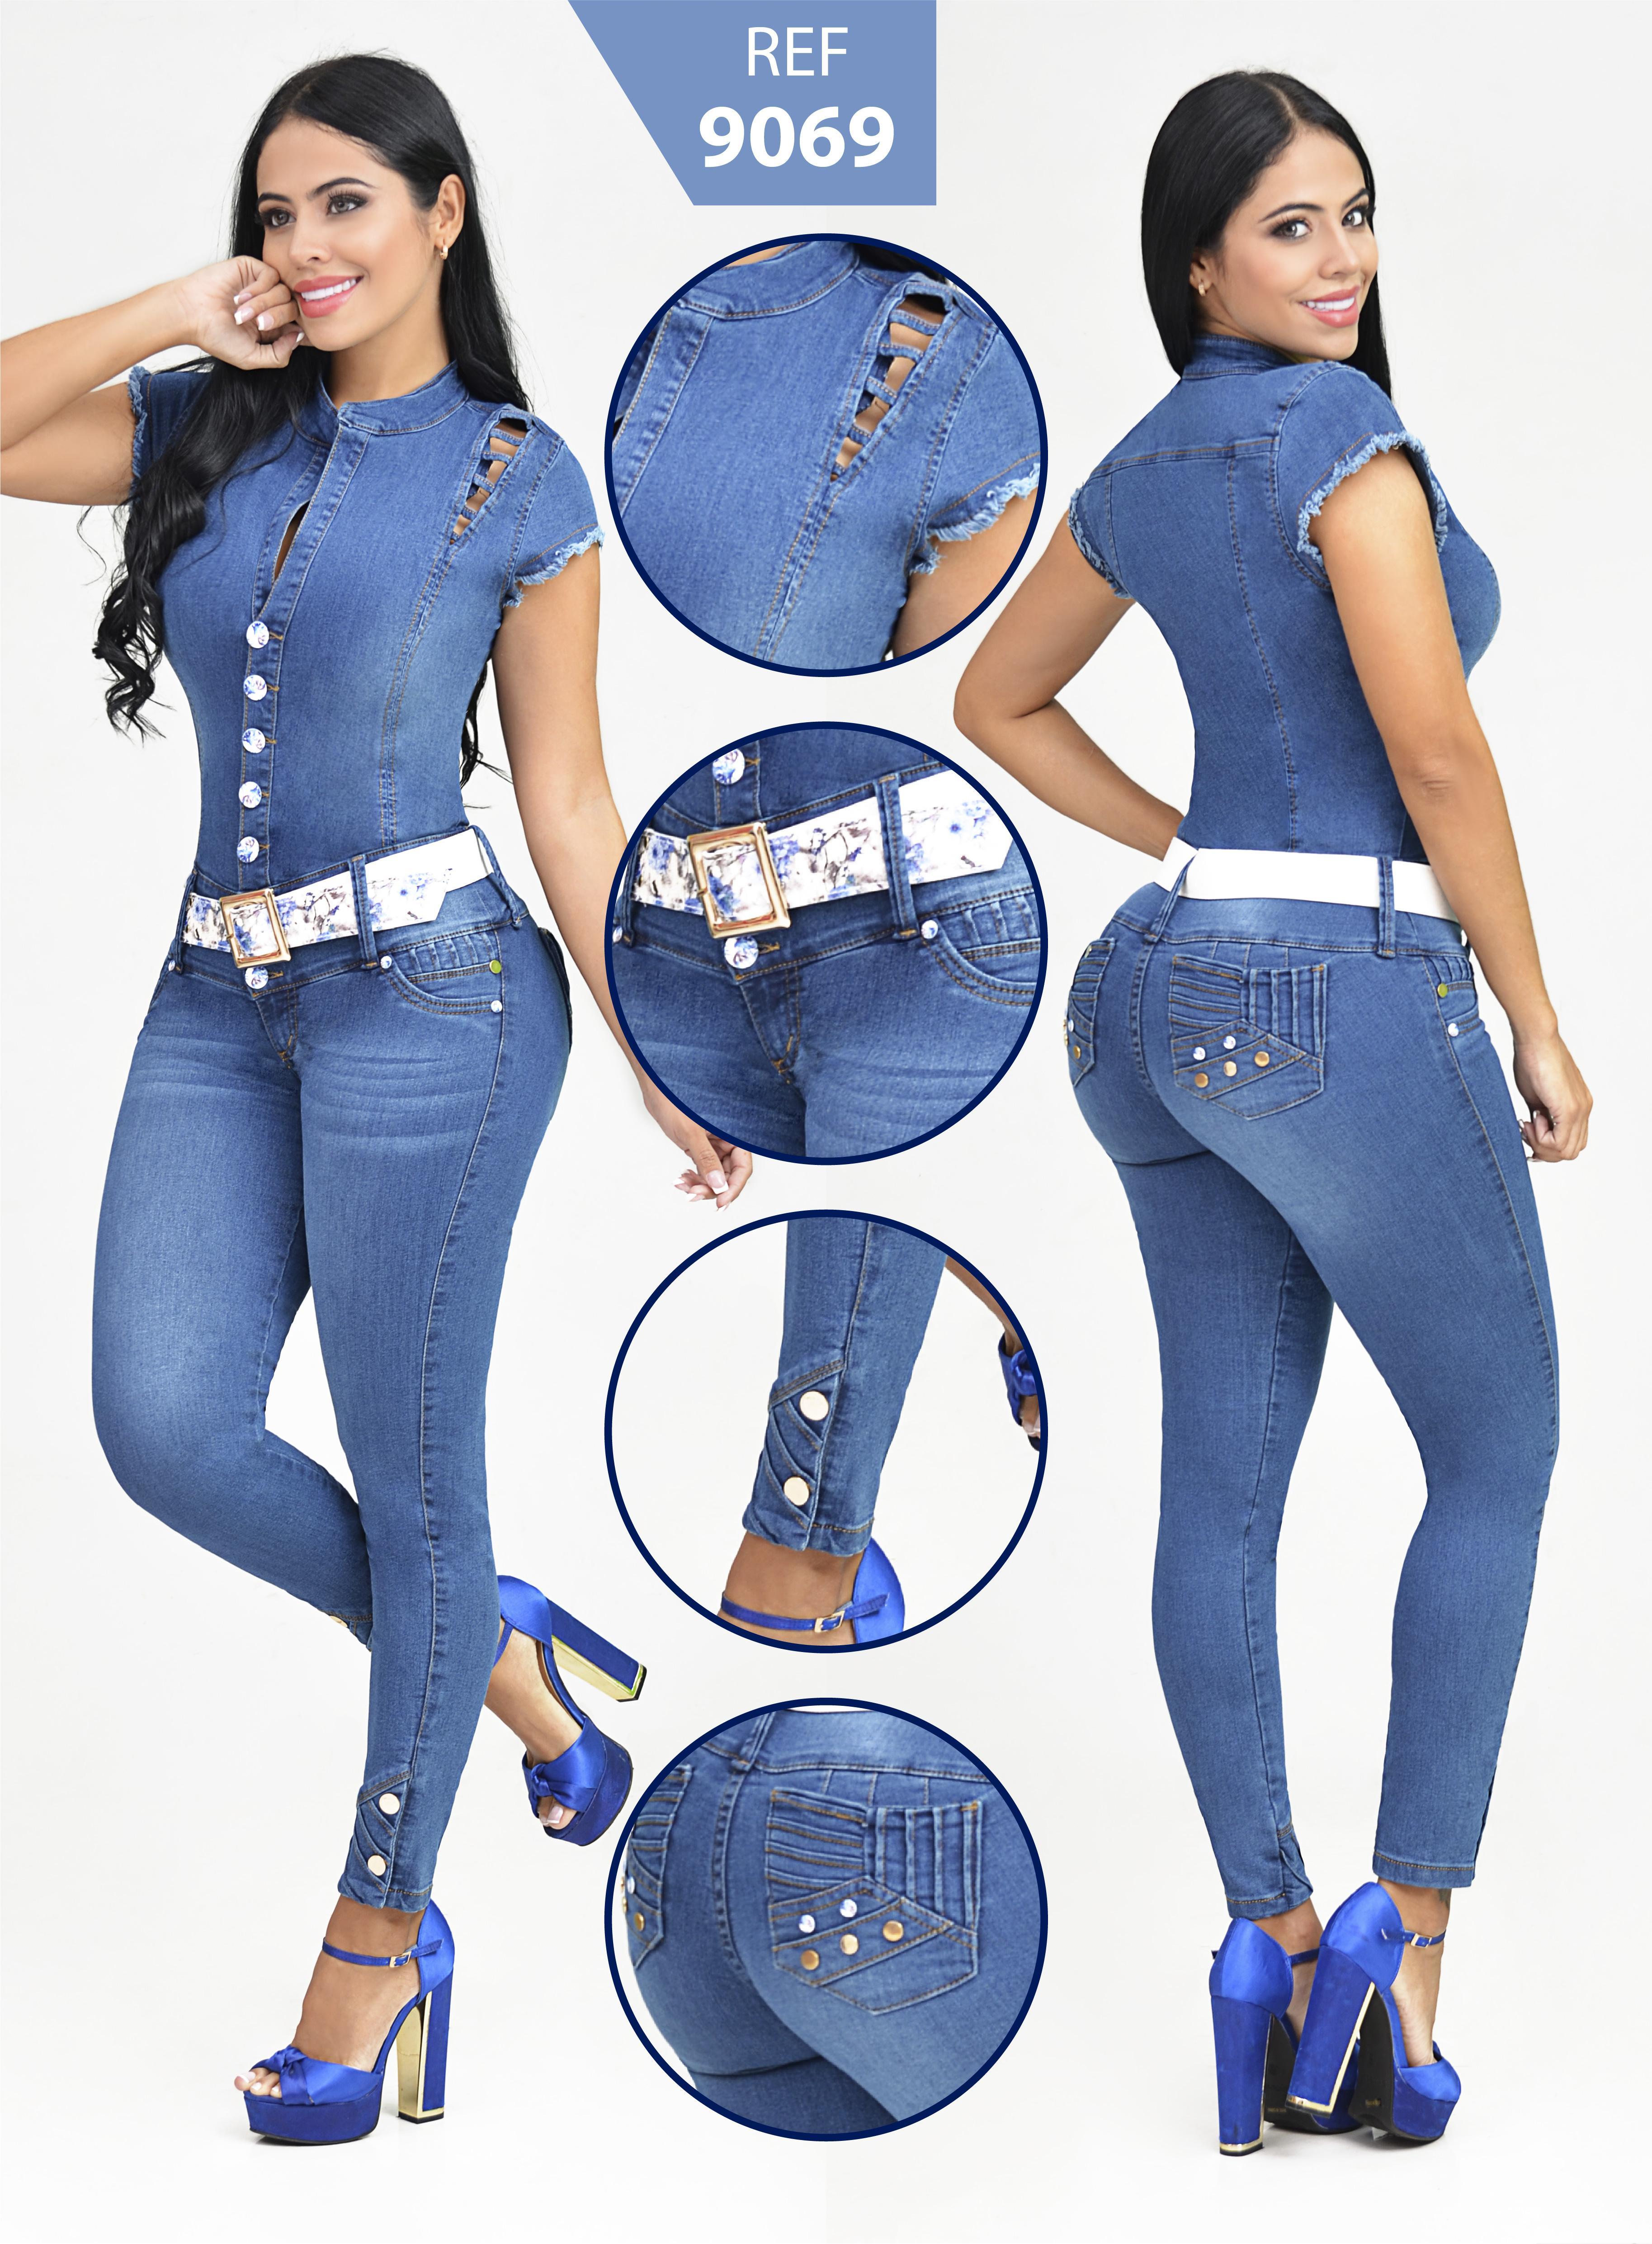 Mono Enterizo Vaquero Push Up color Azul Claro con Desgaste en forma de Bigotes taches y botones decorativos